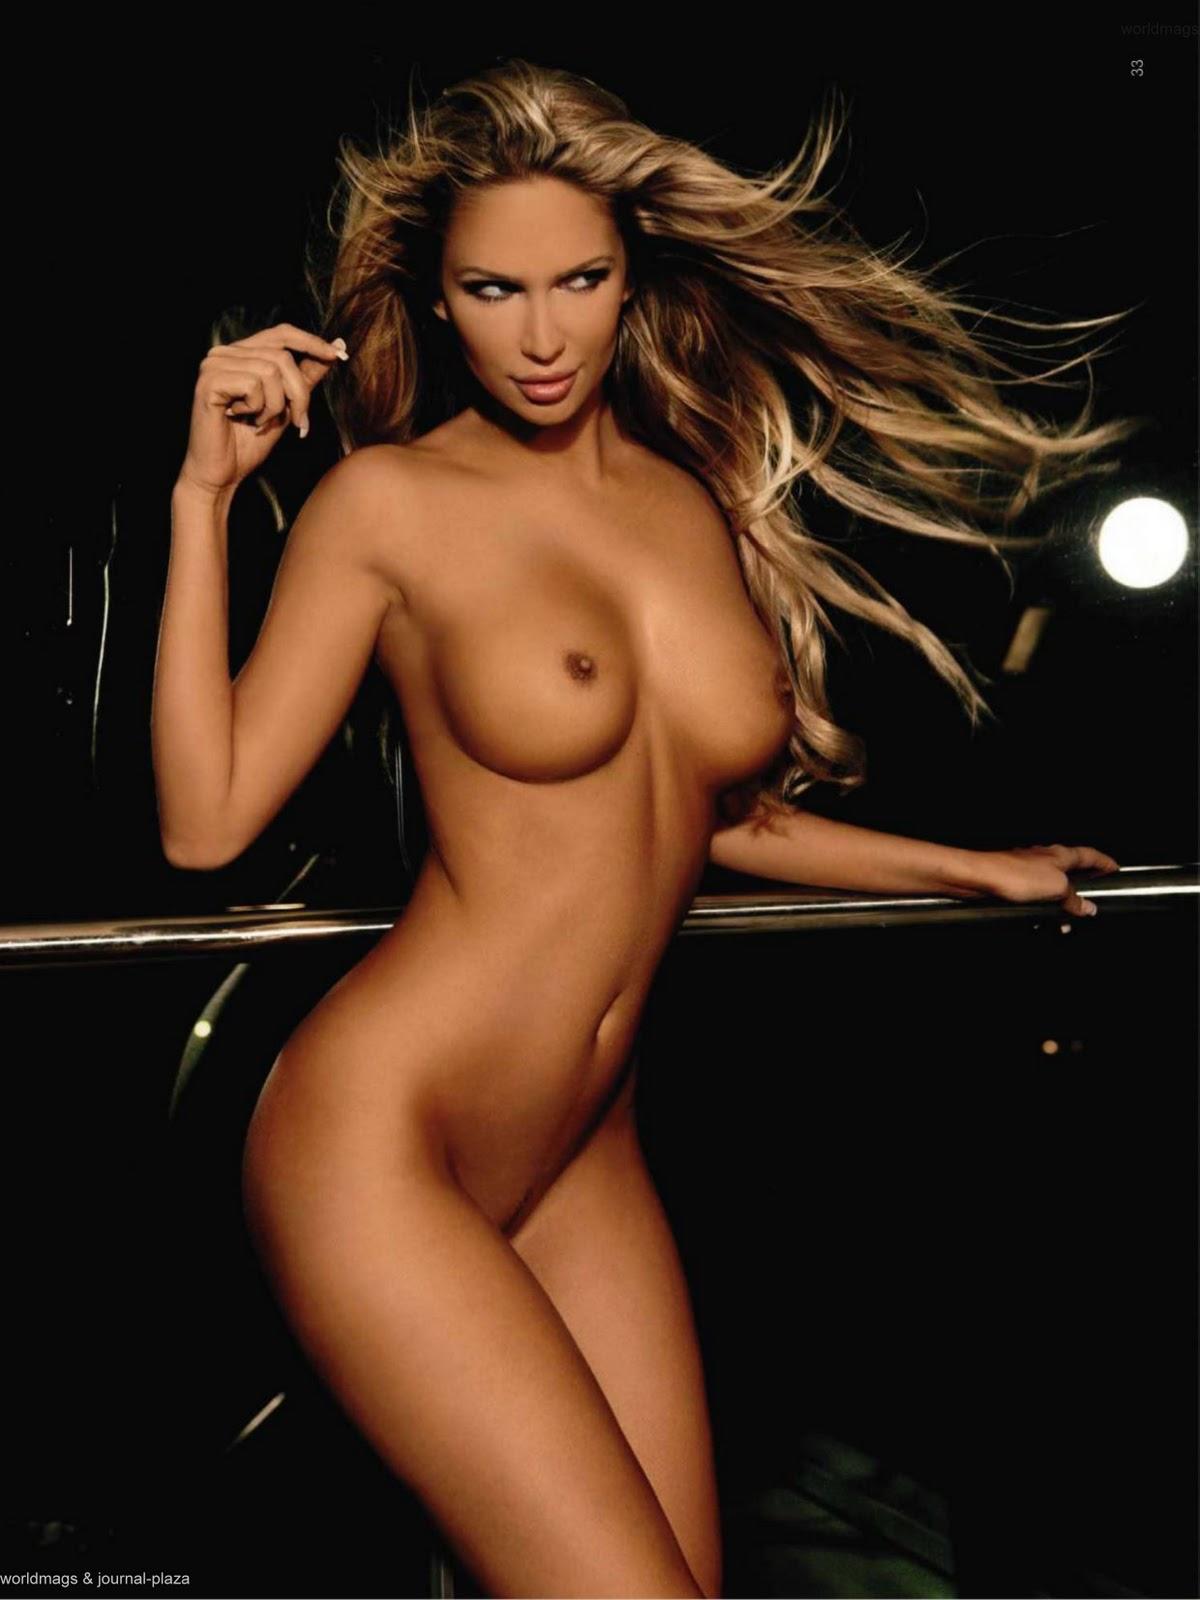 Aline Hernandez Sex download sex pics aline hernandez naked sex porn images